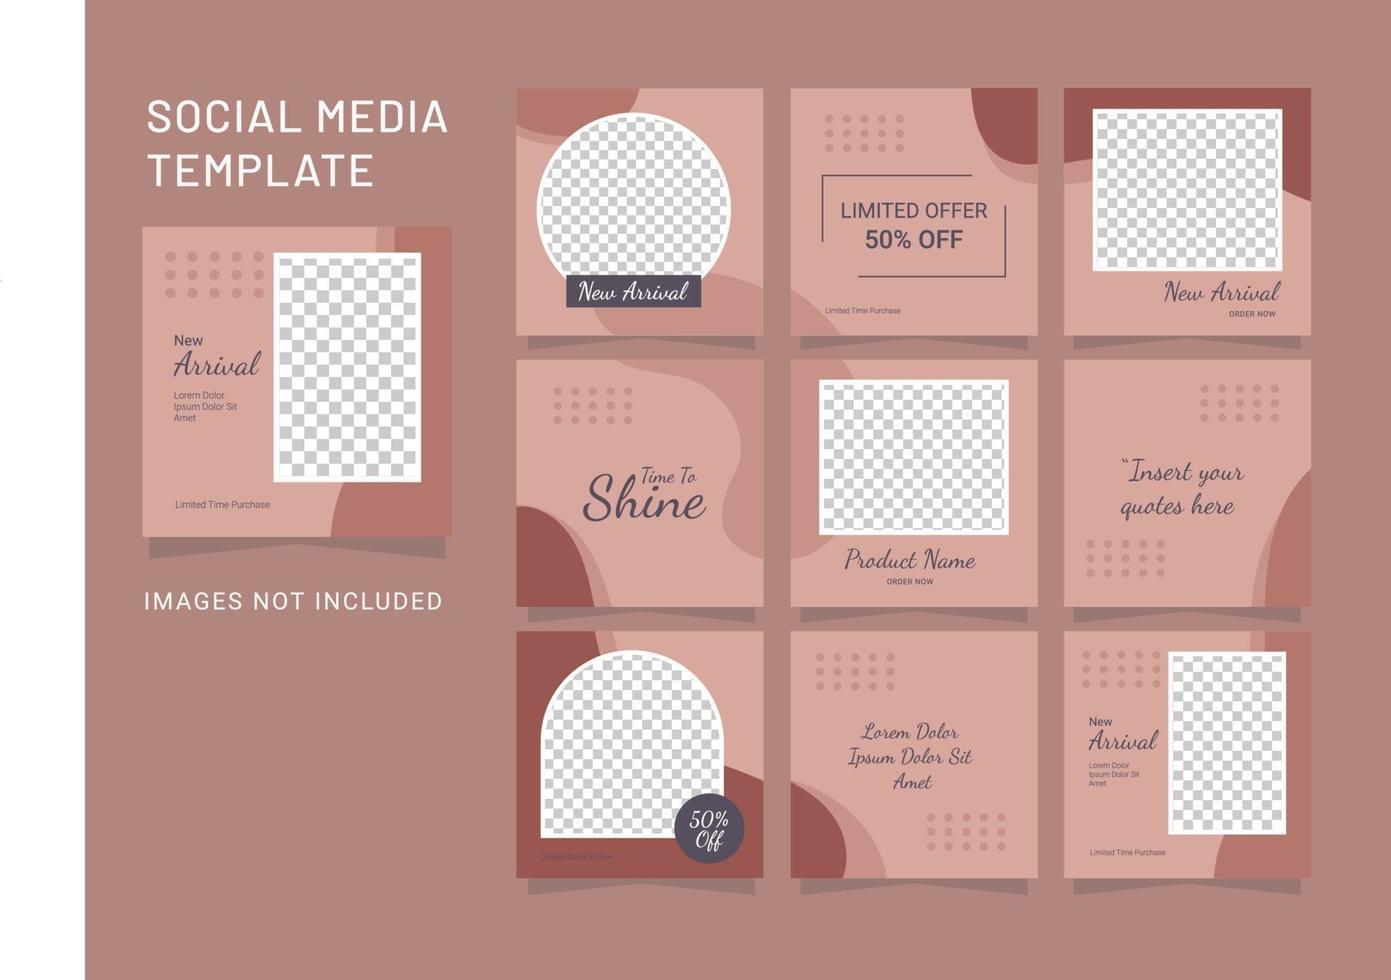 sociale media sjabloon post mode vrouwen puzzel vector